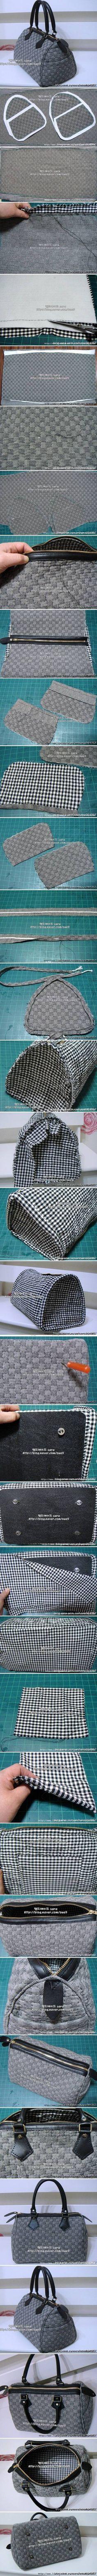 DIY bonito bolso de moda DIY bonito bolso de moda